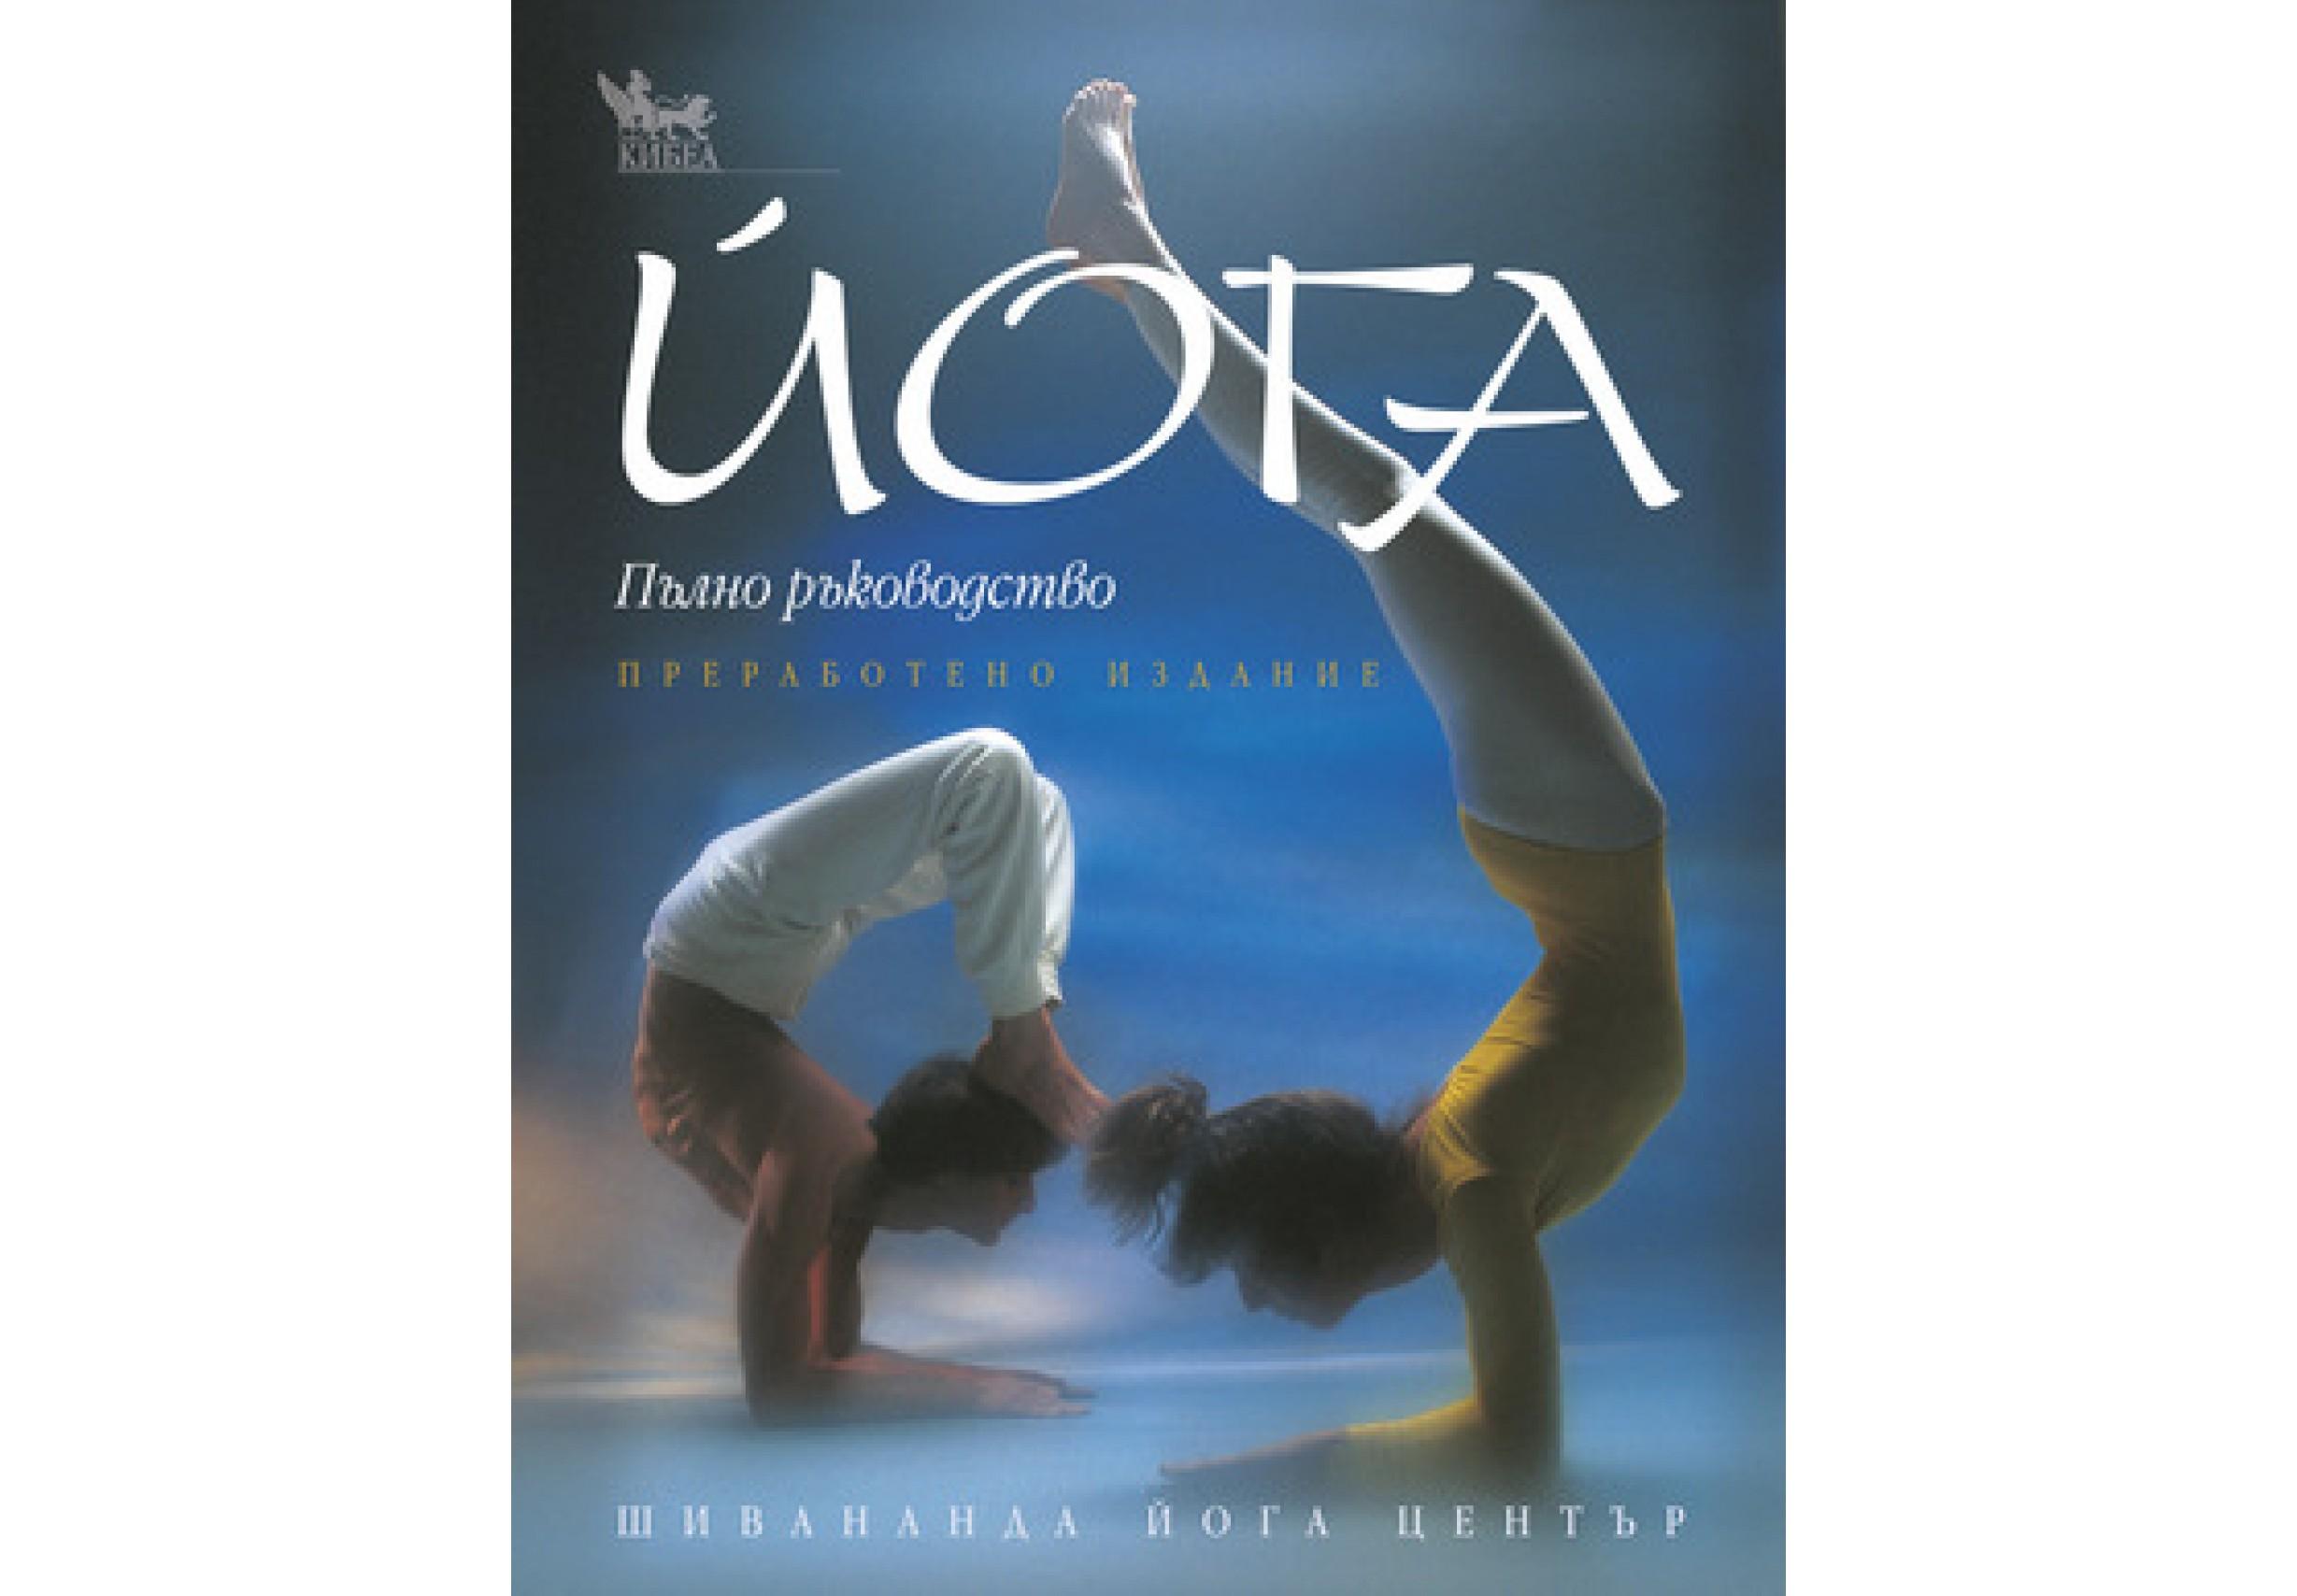 Йога - пълно ръководство